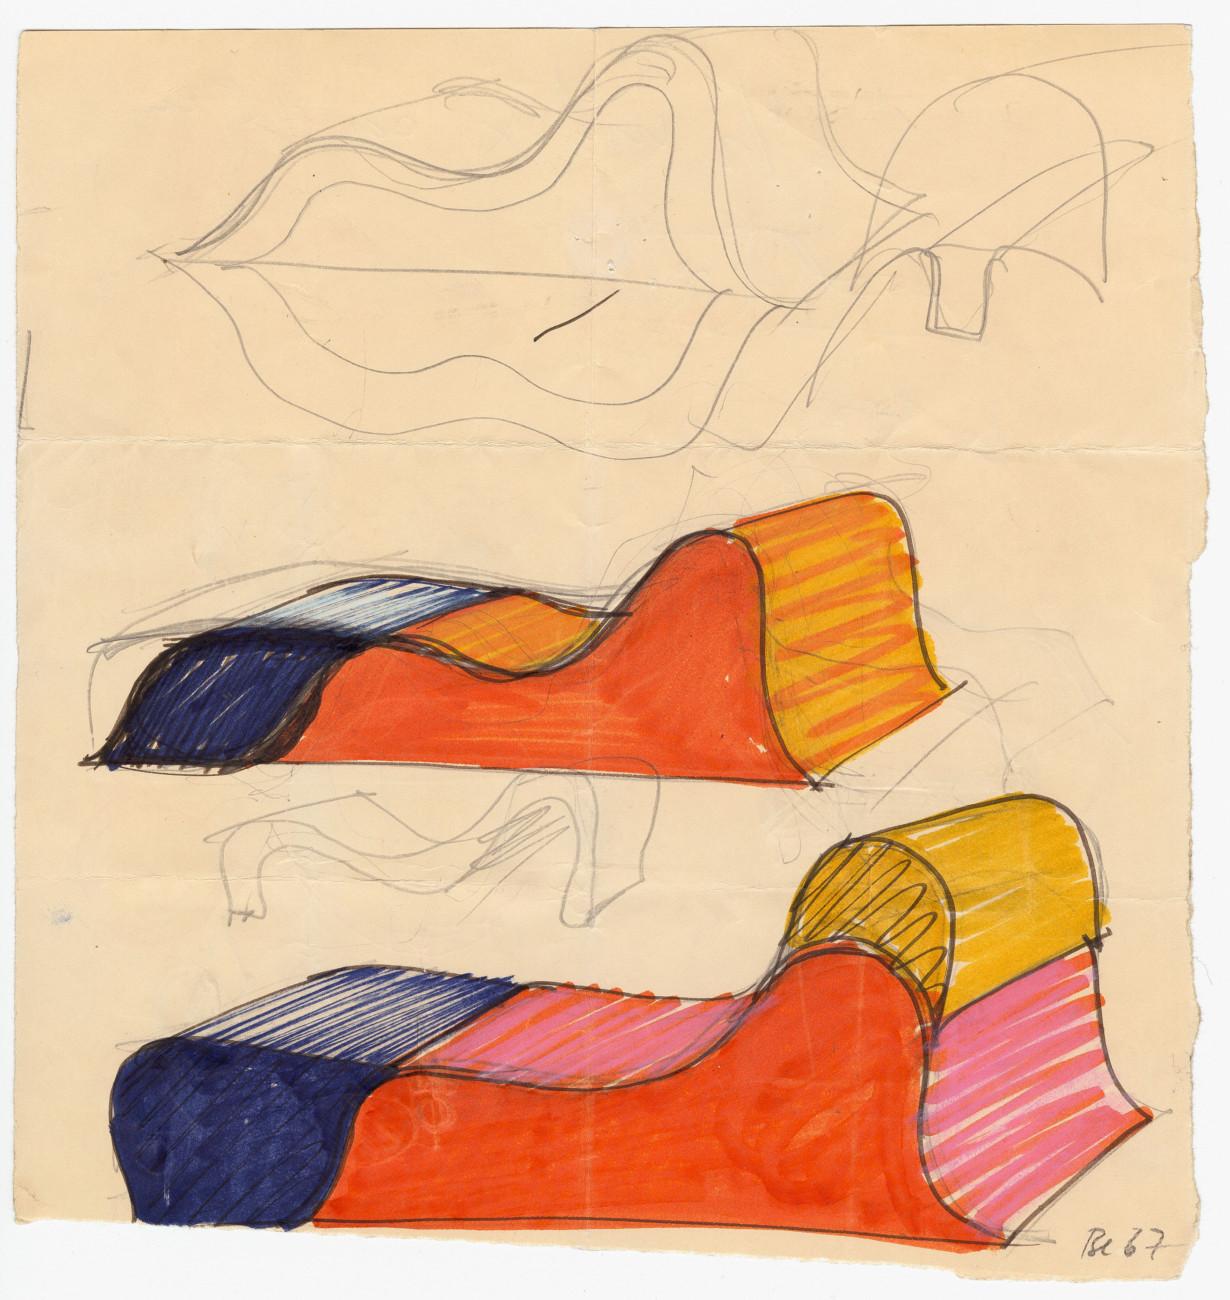 Susi and Ueli Berger: Sketches Soft Chair (1967–1968), Museum für Gestaltung Zürich, Designsammlung